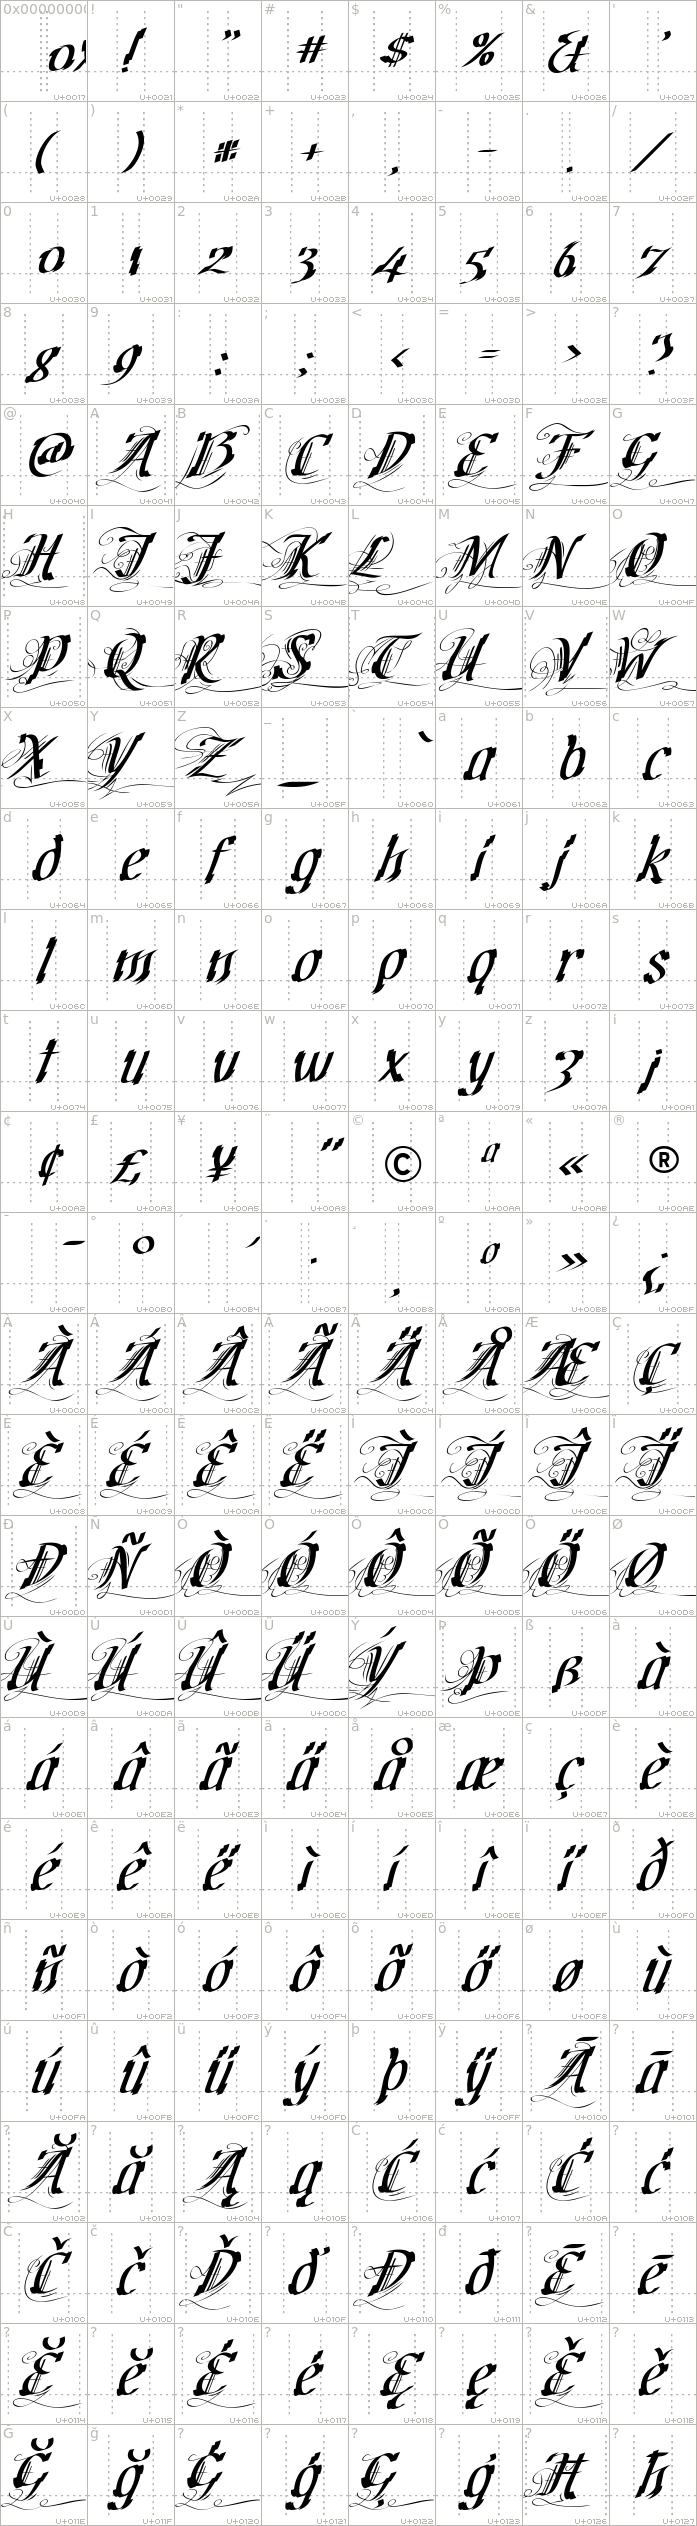 cretino.regular.character-map-1